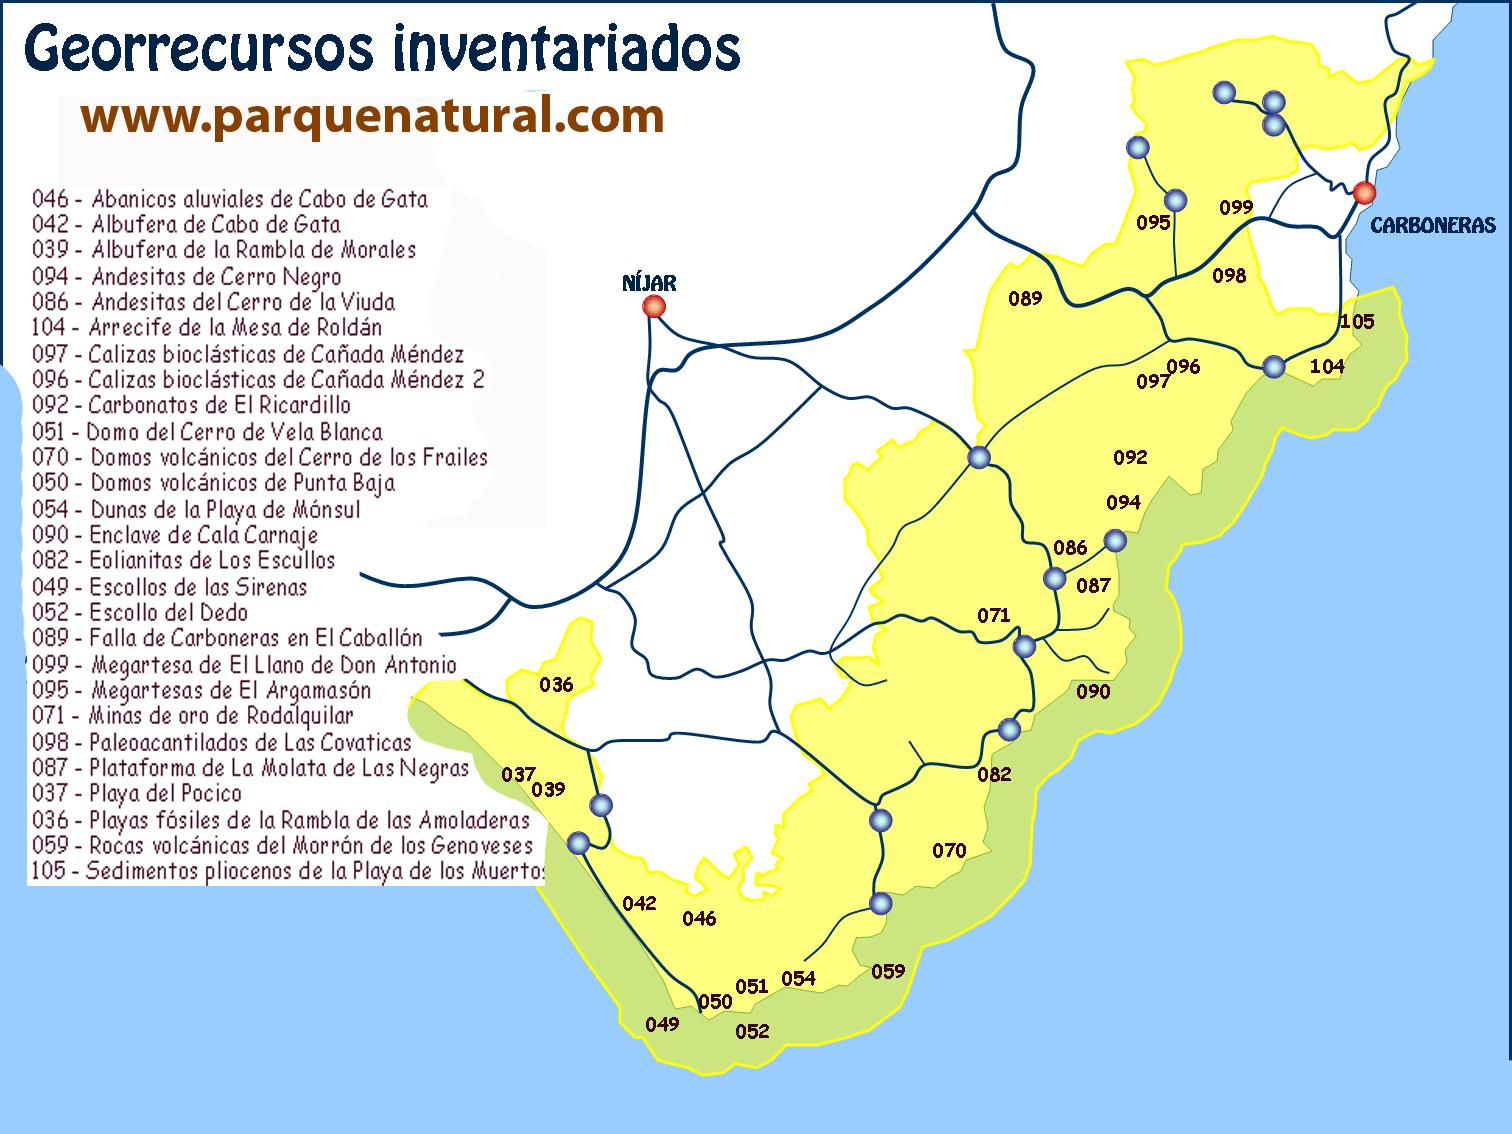 mapa deorecursos inventariados cabo de gata